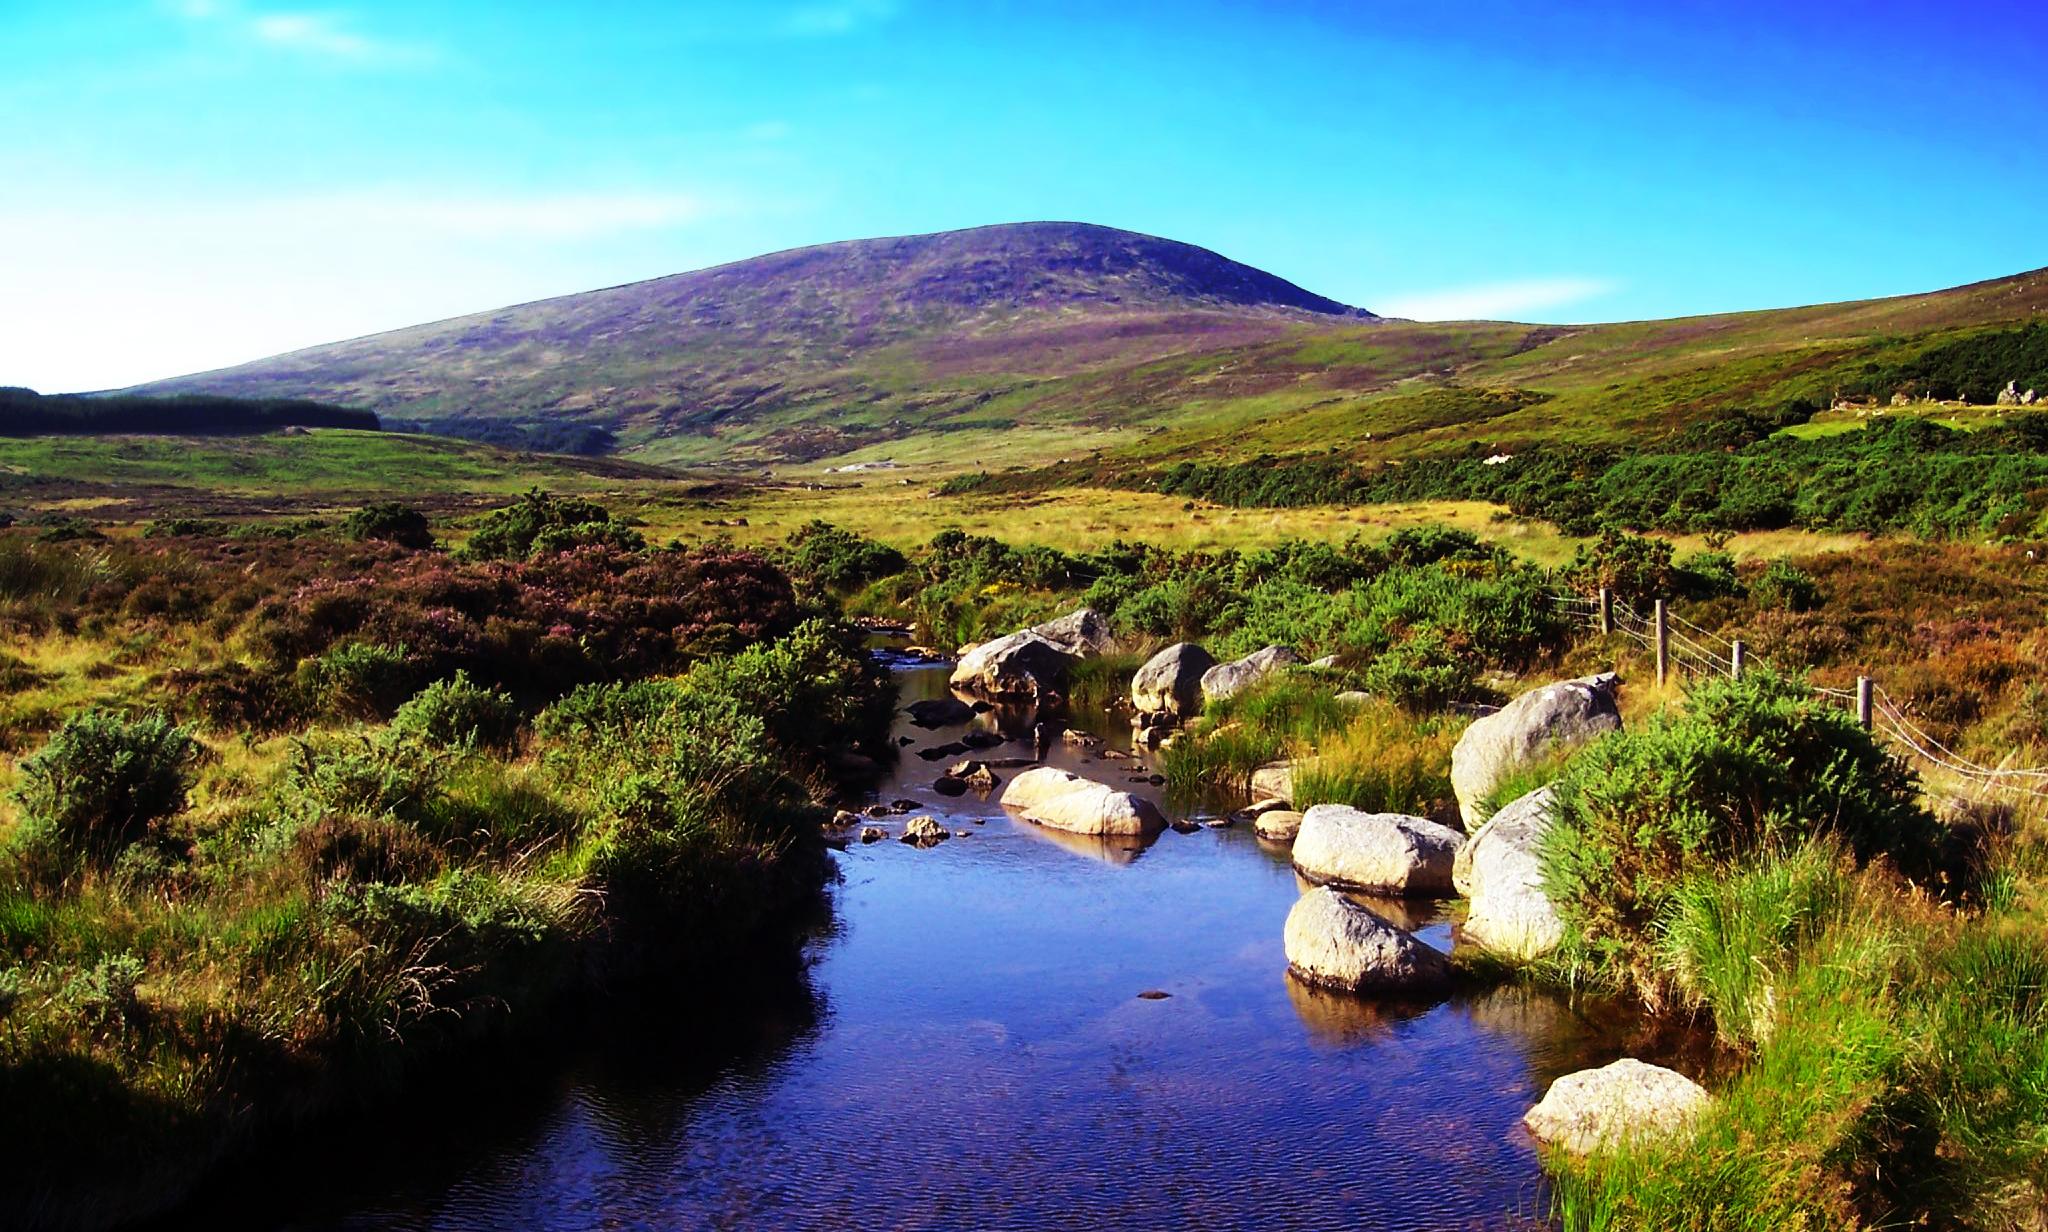 Landscape_in_Wicklow,_Ireland